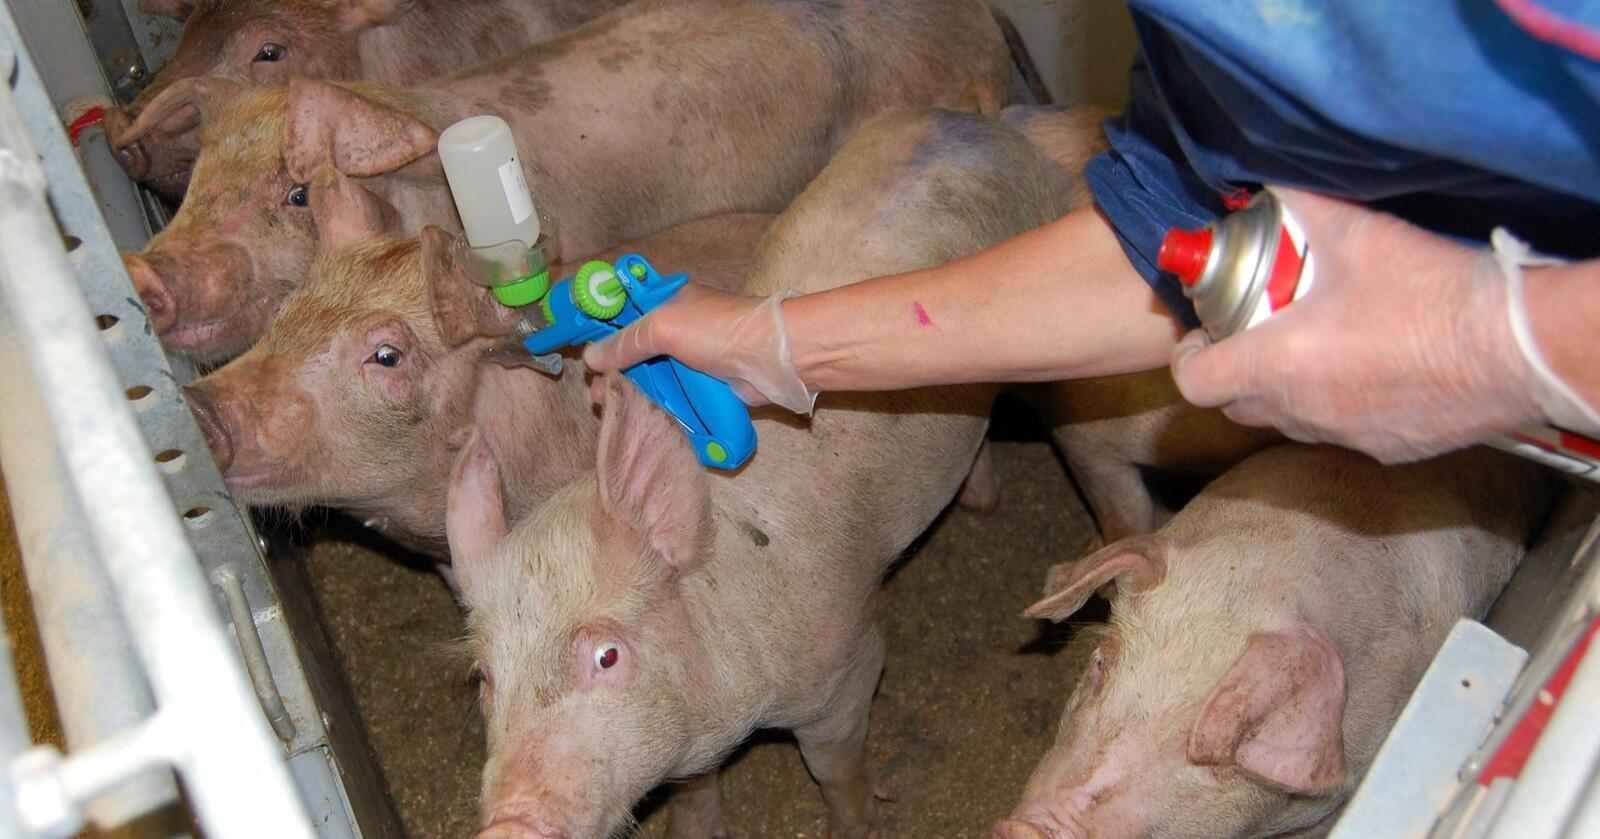 At immunkastrering ikke har blitt noe stor suksess mener Norsvin det er flere årsaker til, blant annet usikker virkning av vaksinen, infeksjoner på injeksjonsstedet og høyere frekvens av halesår som følge av råneadferd. Foto: Bente Fredriksen, Animalia.